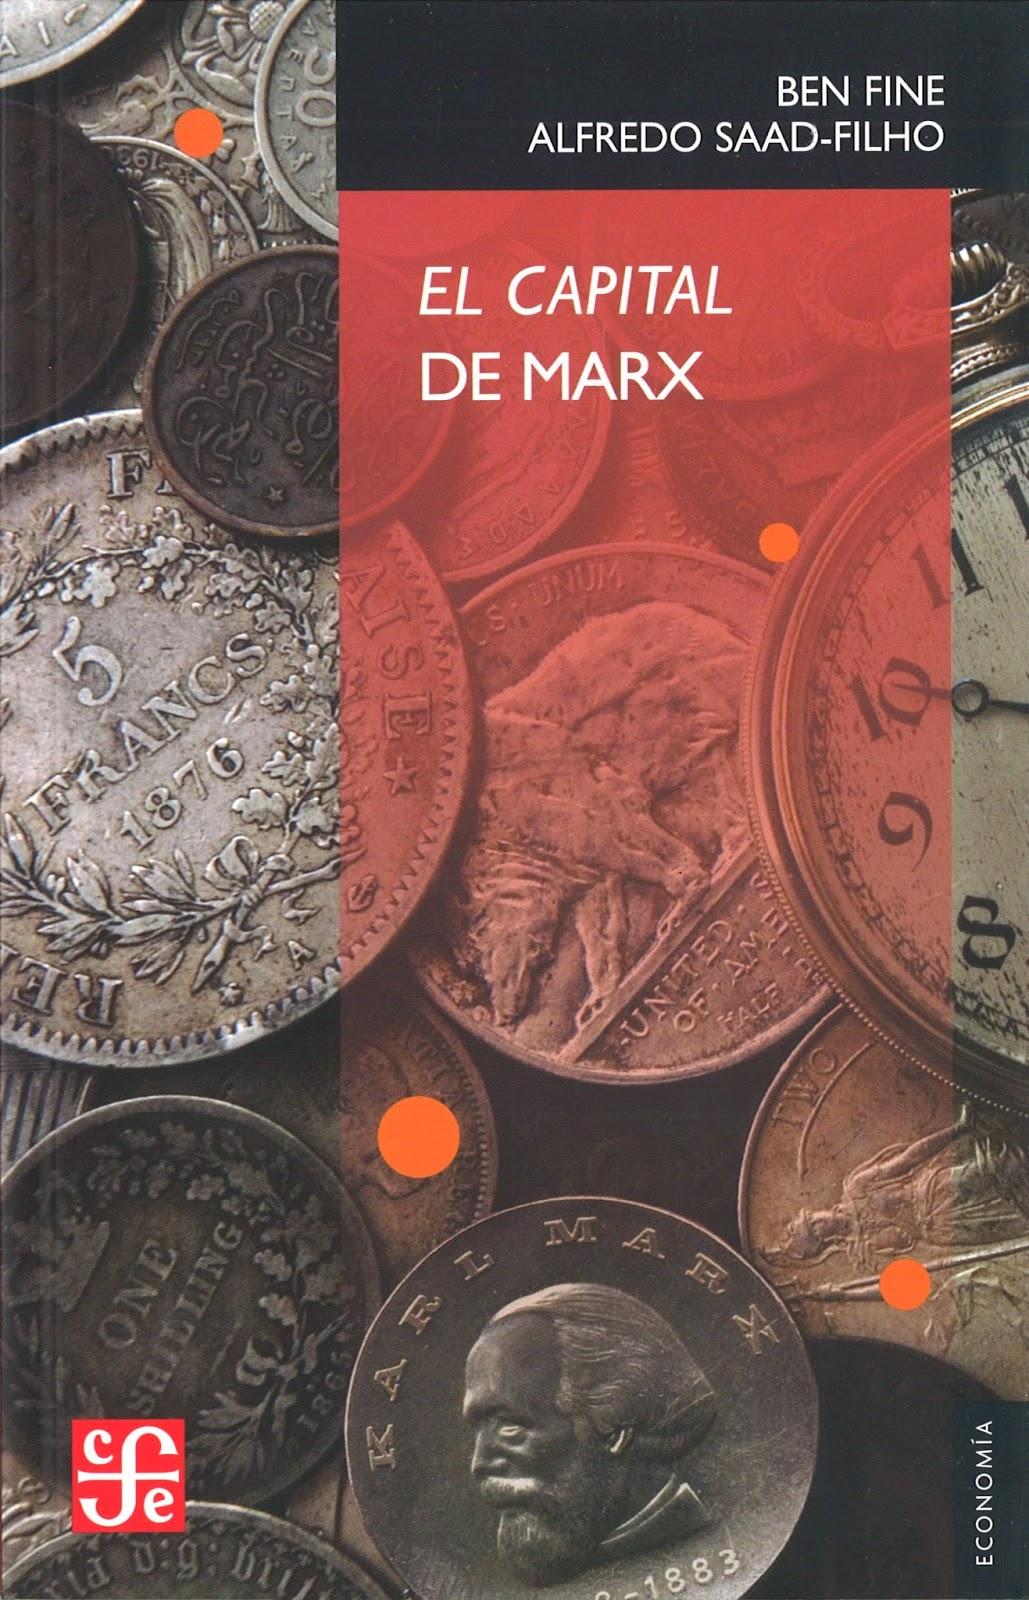 El Capital de Marx - Ben Fine y Alfredo Saad Filho